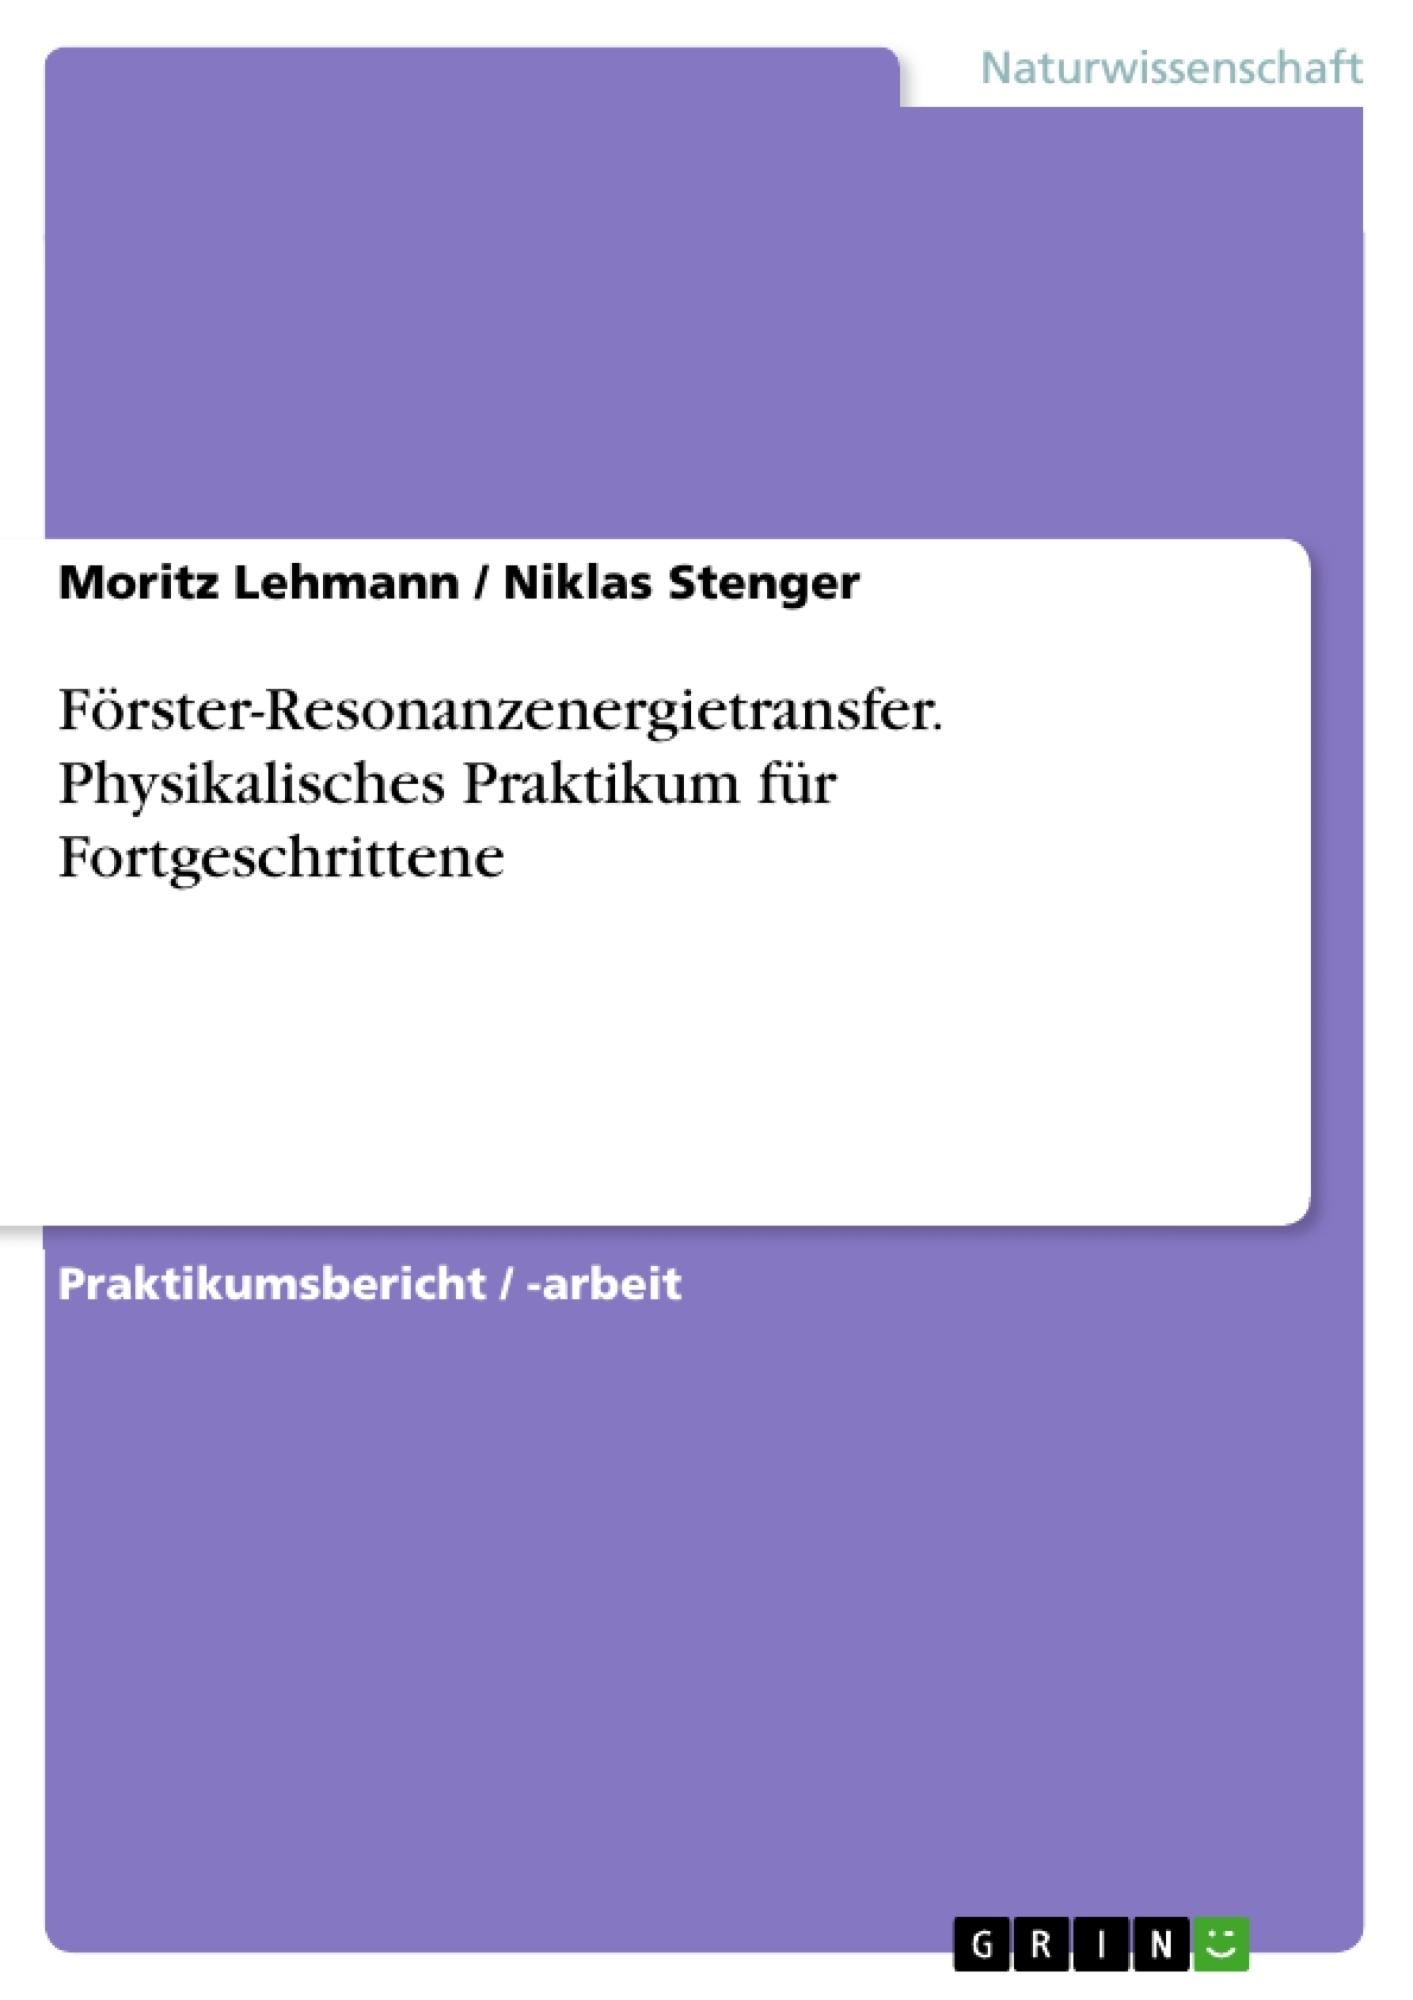 Titel: Förster-Resonanzenergietransfer. Physikalisches Praktikum für Fortgeschrittene